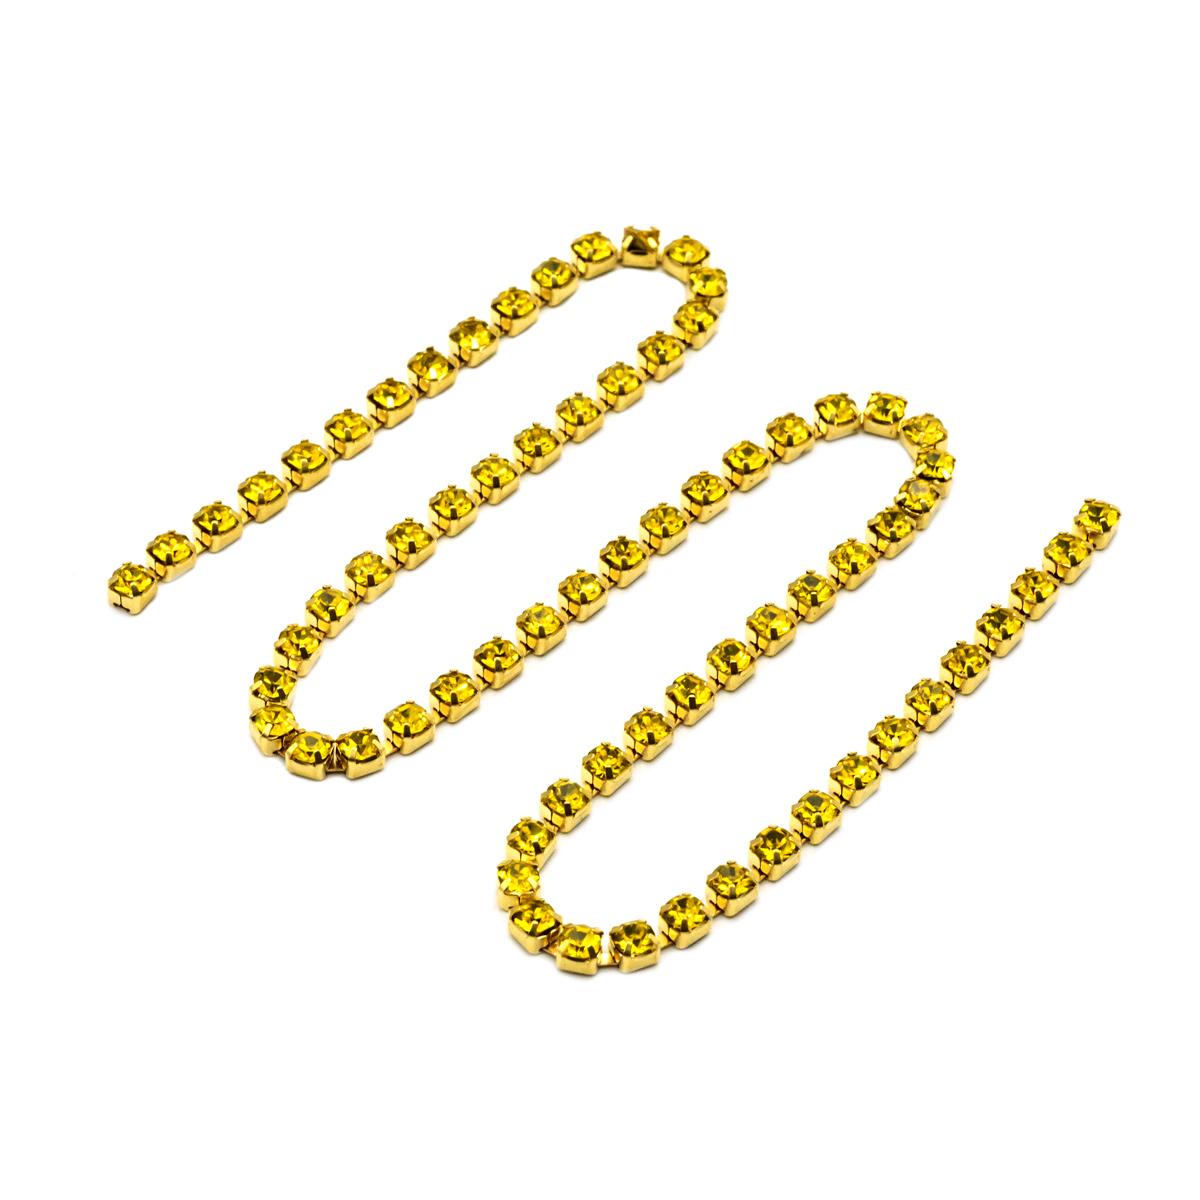 ЦС008ЗЦ3 Стразовые цепочки (золото), цвет: желтый, размер 3 мм, 30 см/упак.